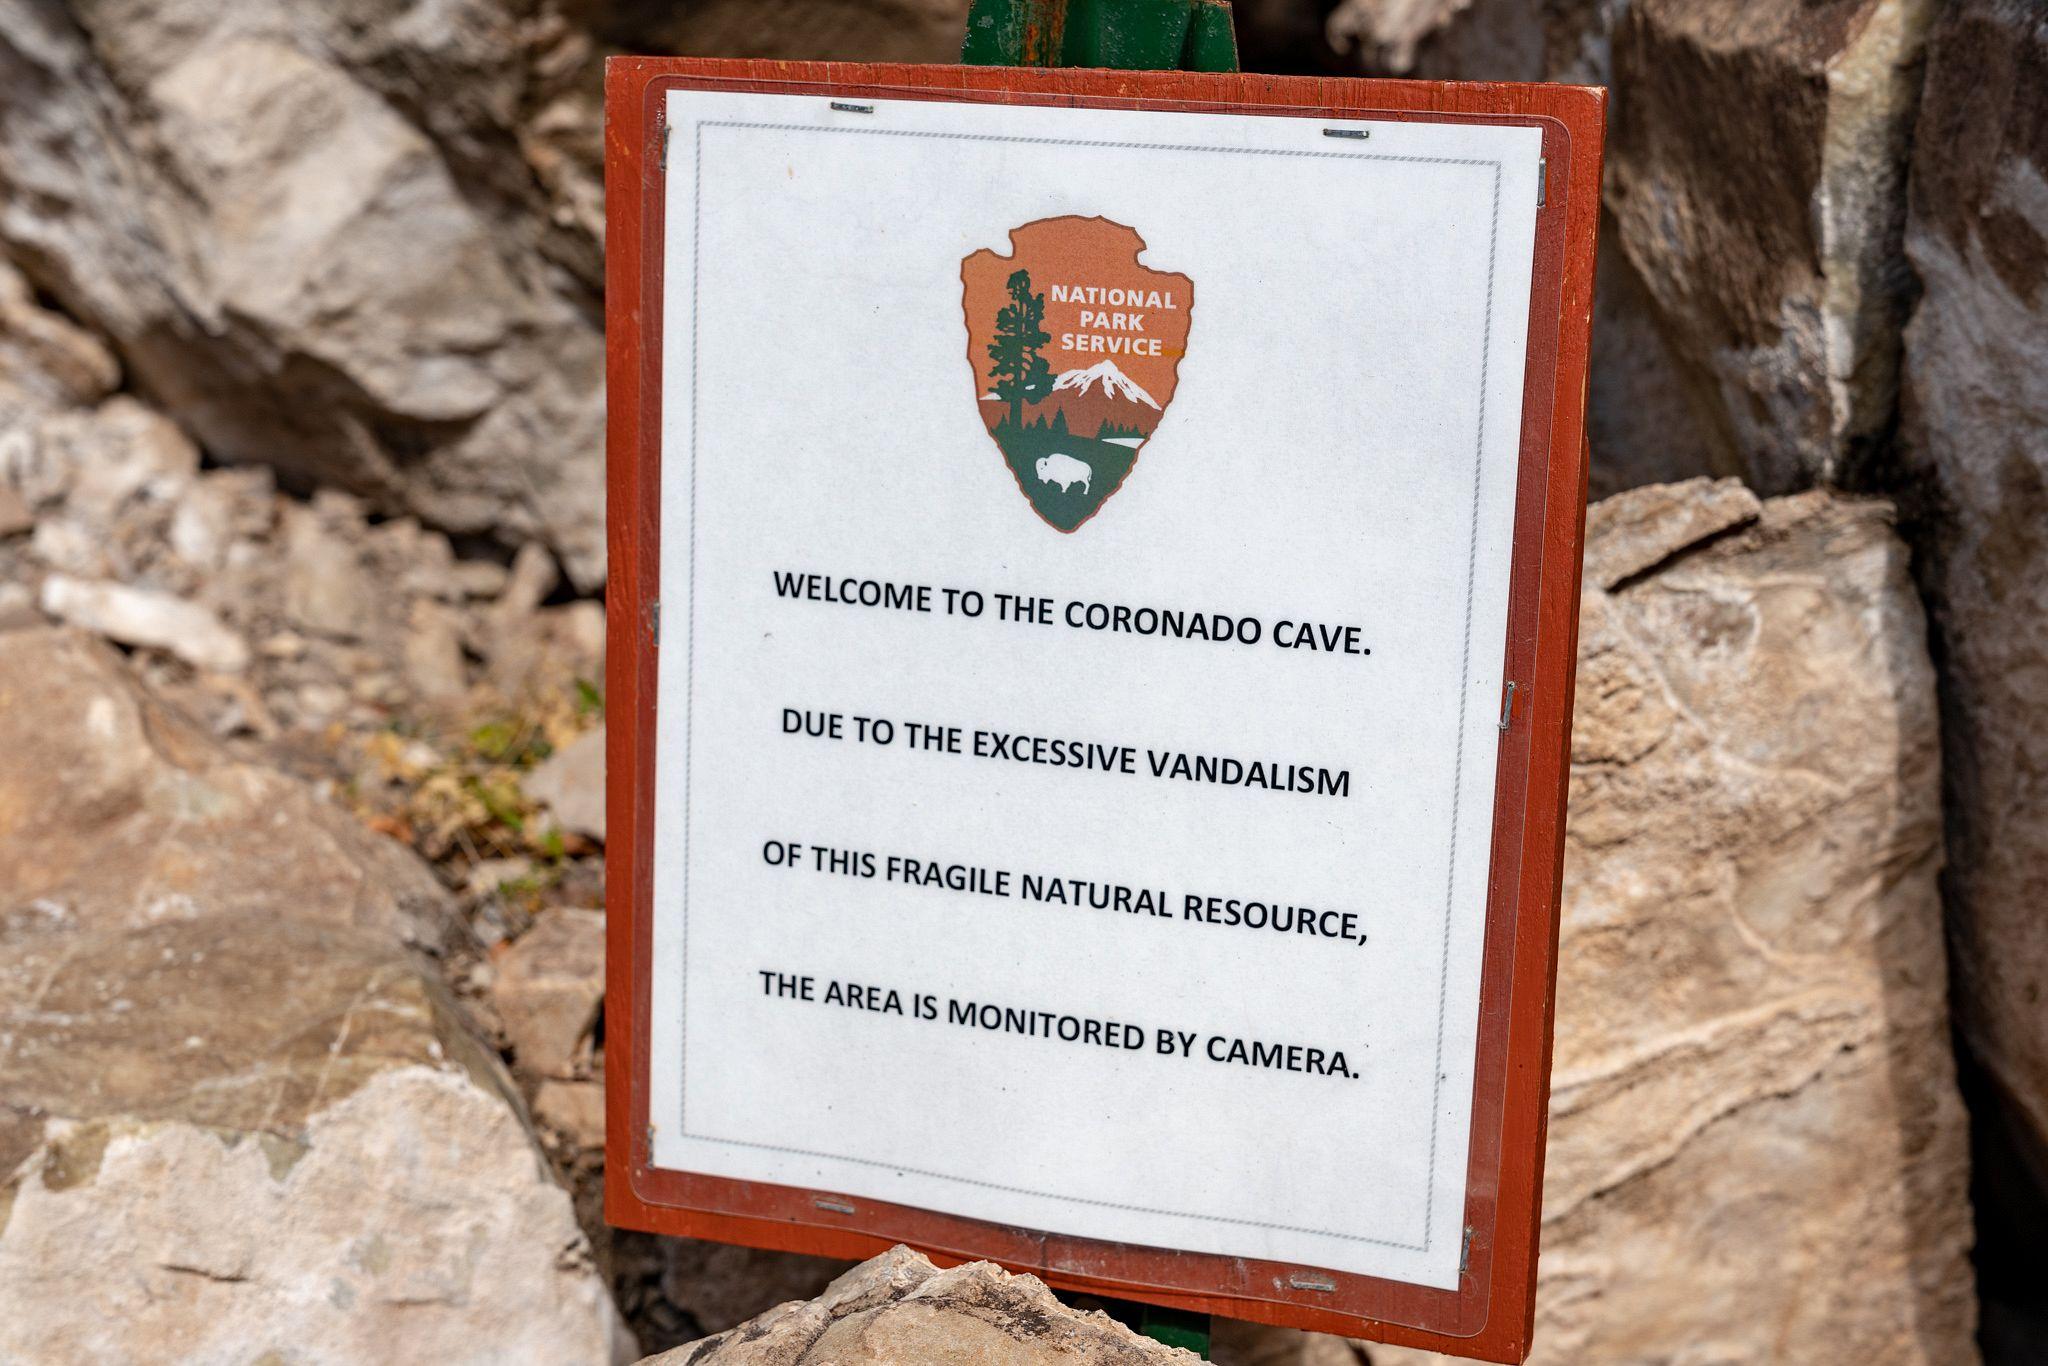 Coronado Cave